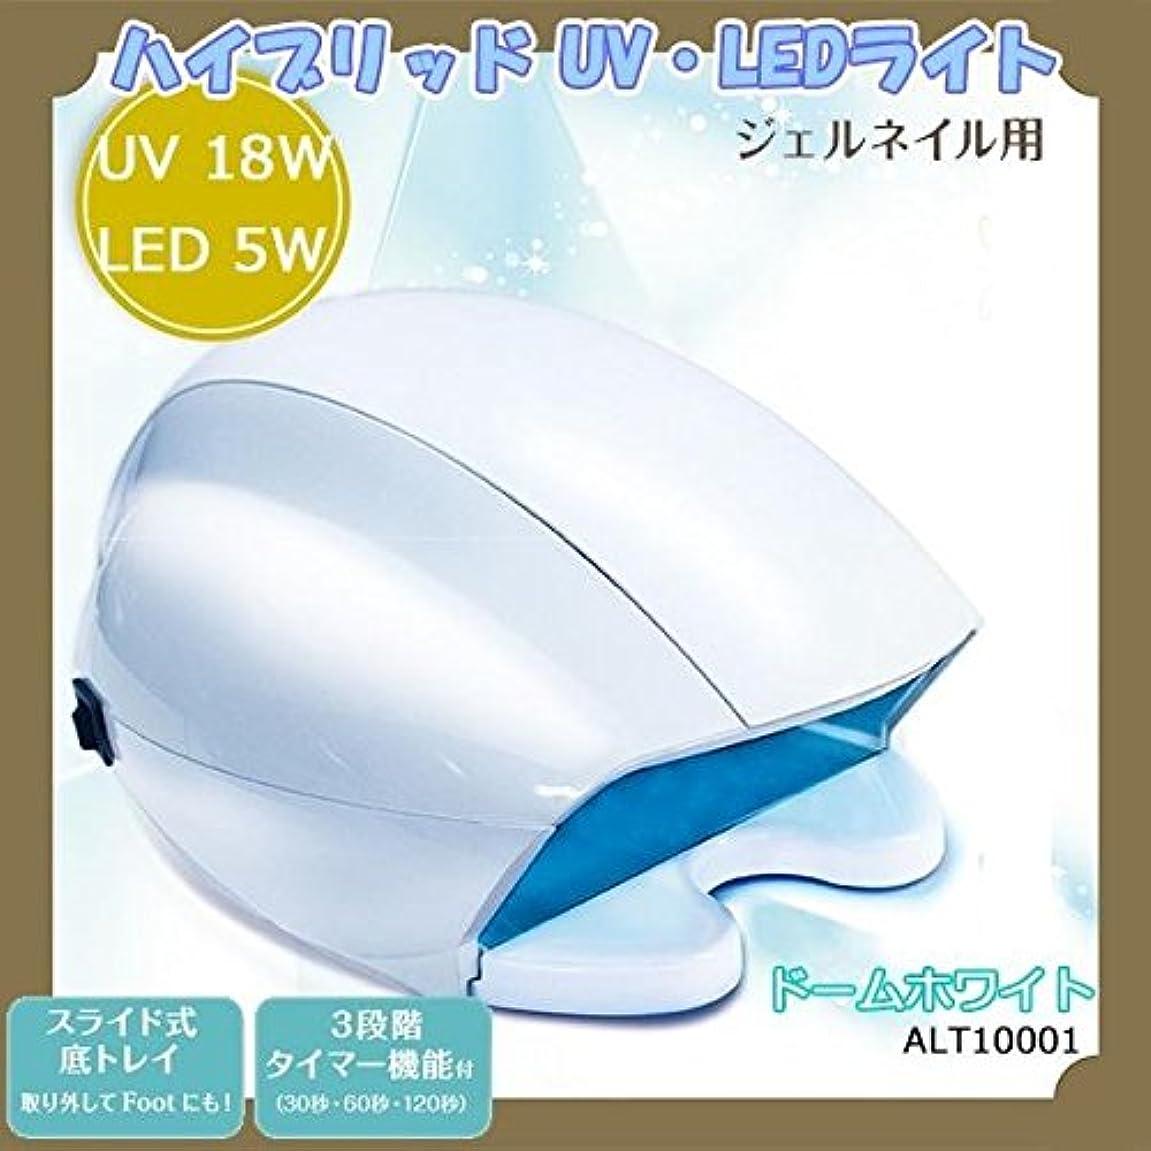 声を出して契約夜明けビューティーワールド ジェルネイル用 ハイブリッド UV?LEDライト ドームホワイト ALT10001